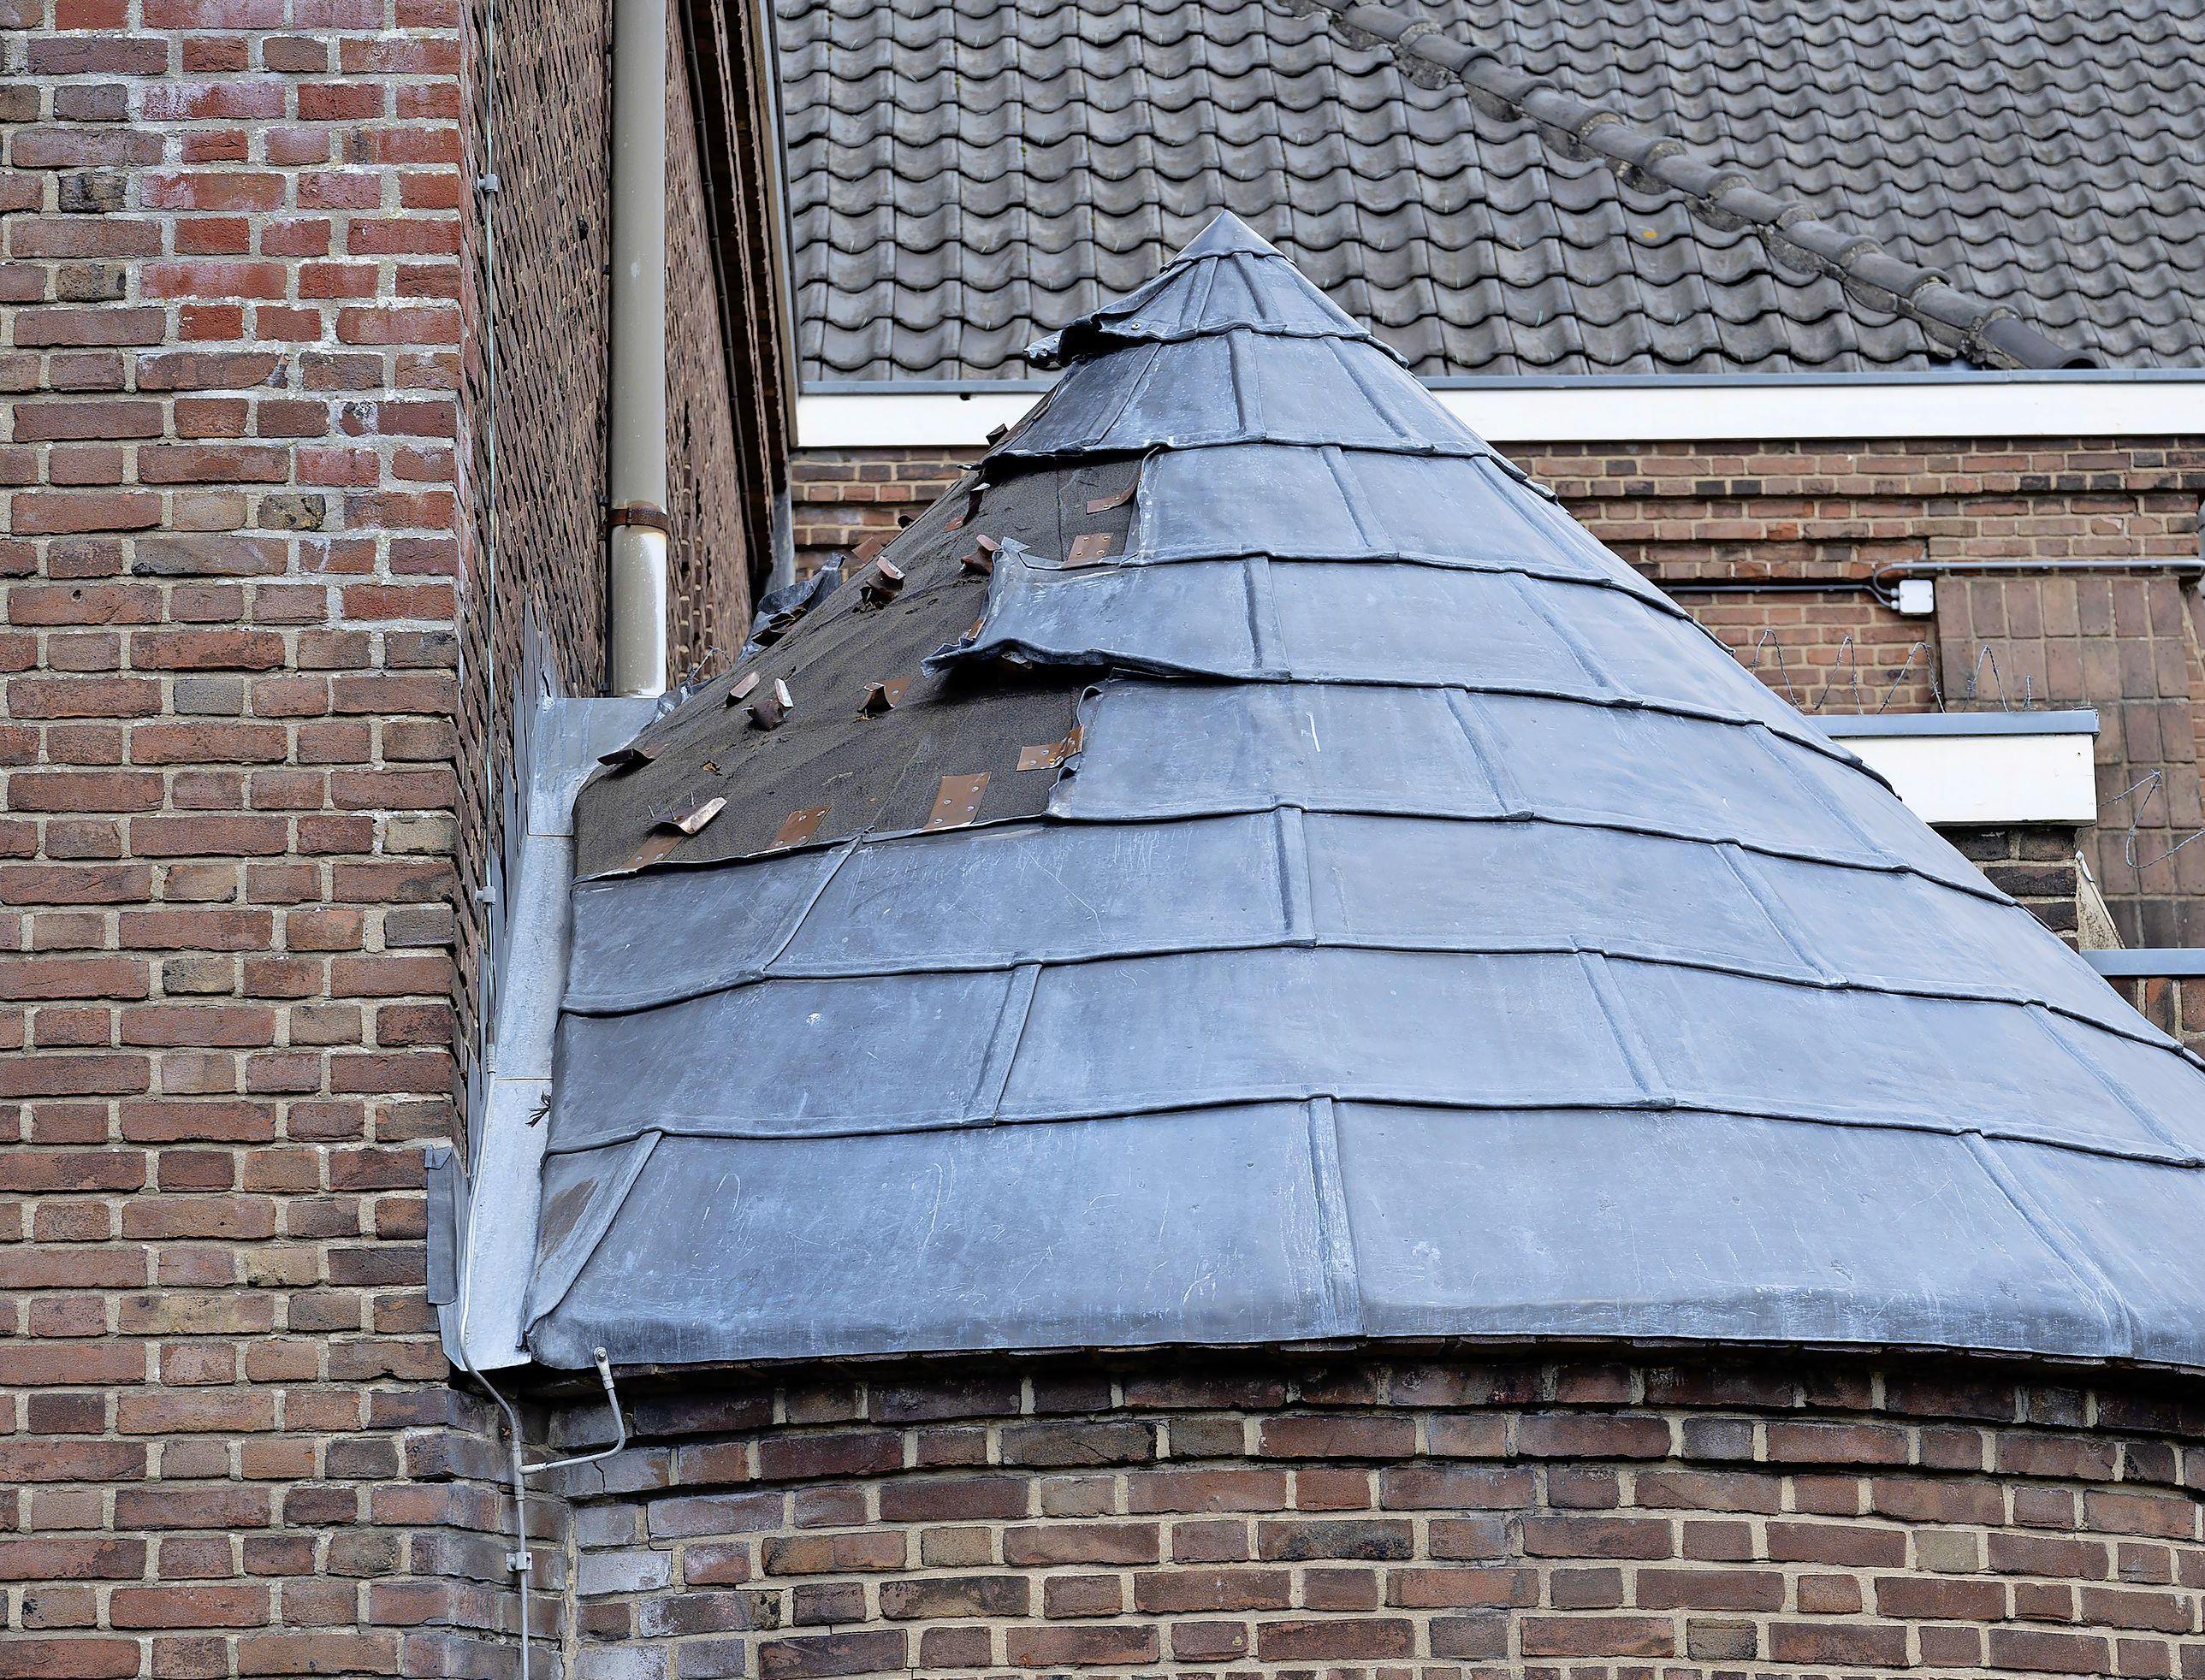 Lood gestolen van kerk in Heemstede: 'Volstrekt idioot. Zij verpatsen het voor een paar tientjes en ons kost het duizenden euro's'